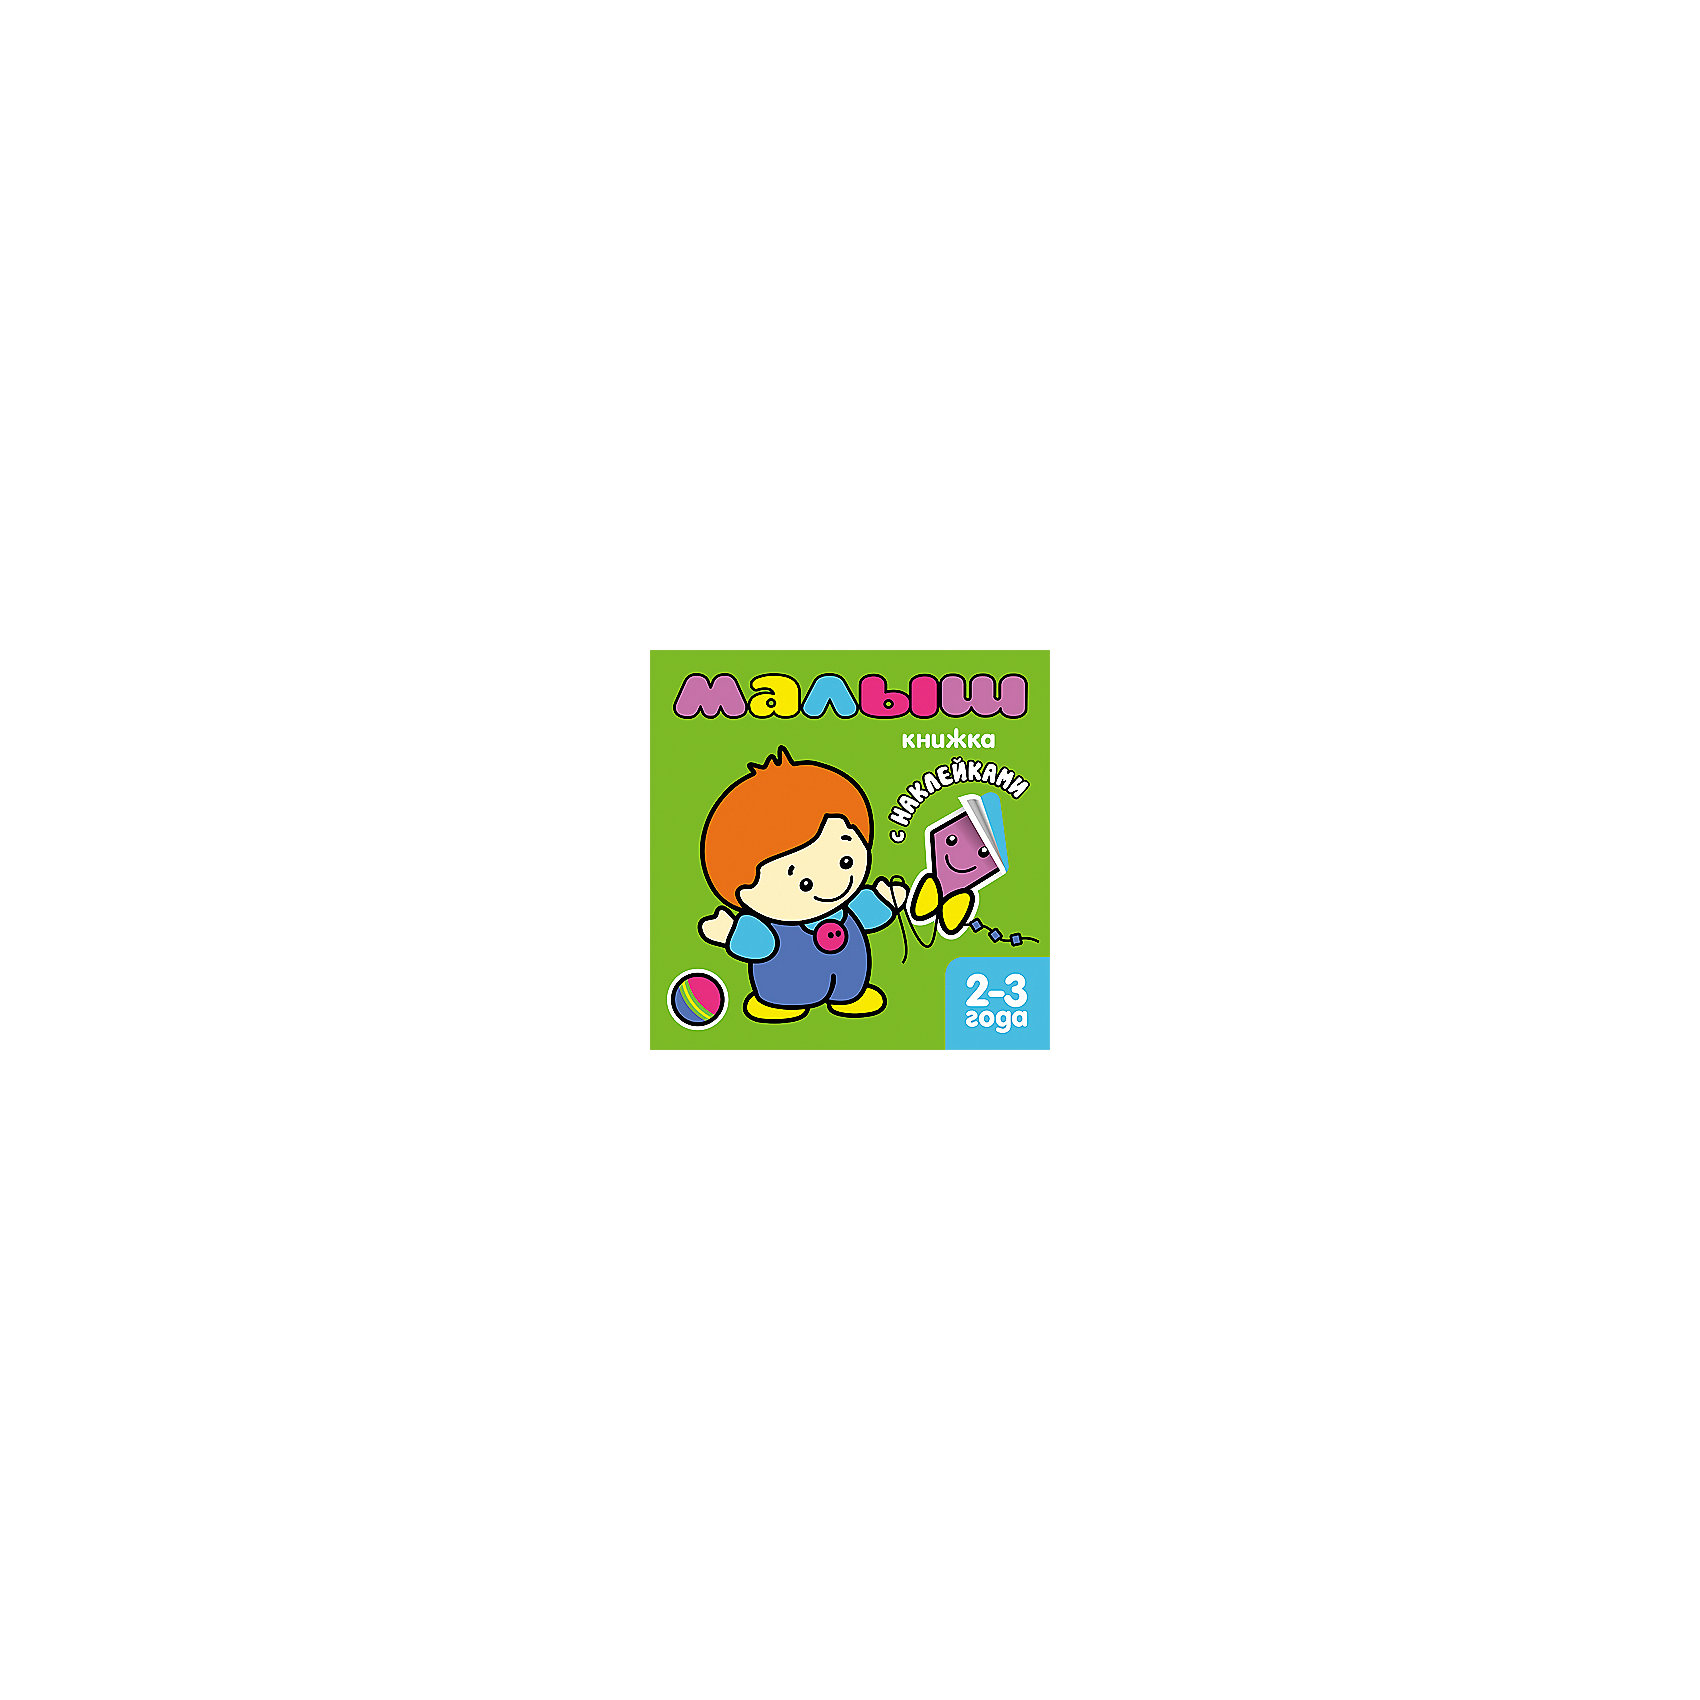 Малыш, Книжка с наклейками для самых маленькихХарактеристики книжки Малыш с наклейками:<br><br>• возраст: от 2 лет до 3 лет<br>• ISBN: 9785867758707<br>• пол: для мальчиков <br>• материал: бумага (мелованная)<br>• количество страниц: 8<br>• размер книжки: 22х22х1 см.<br>• масса: 74 гр.<br>• тип обложки: мягкая.<br>• иллюстрации: цветные.<br>• автор: Бурмистрова Л. Л.<br>• бренд: Мозаика-Синтез<br>• страна обладатель бренда: Россия.<br><br>Яркие картинки, крупные многоразовые наклейки и веселые стишки придуманы специально для самых маленьких читателей. Детям надо раскрасить картинку, сравнить ее с  готовой картинкой, найти различия и наклеить наклейку. Малышам очень понравится эта развивающая книжка. <br><br>Страницы выполнены из плотной мелованной бумаги, оформлены очень красочно - все разного цвета и на каждой нарисованы свои фигуры.<br>Благодаря этому малыш сможет ознакомиться с различными названиями цветов и формами. Приклеивая наклейки, можно не бояться сделать это неправильно - они легко отклеиваются от страничек.<br><br>Книжку Малыш с наклейками издательства Мозаика-Синтез можно купить в нашем интернет-магазине.<br><br>Ширина мм: 1<br>Глубина мм: 220<br>Высота мм: 220<br>Вес г: 75<br>Возраст от месяцев: 24<br>Возраст до месяцев: 36<br>Пол: Мужской<br>Возраст: Детский<br>SKU: 5362847